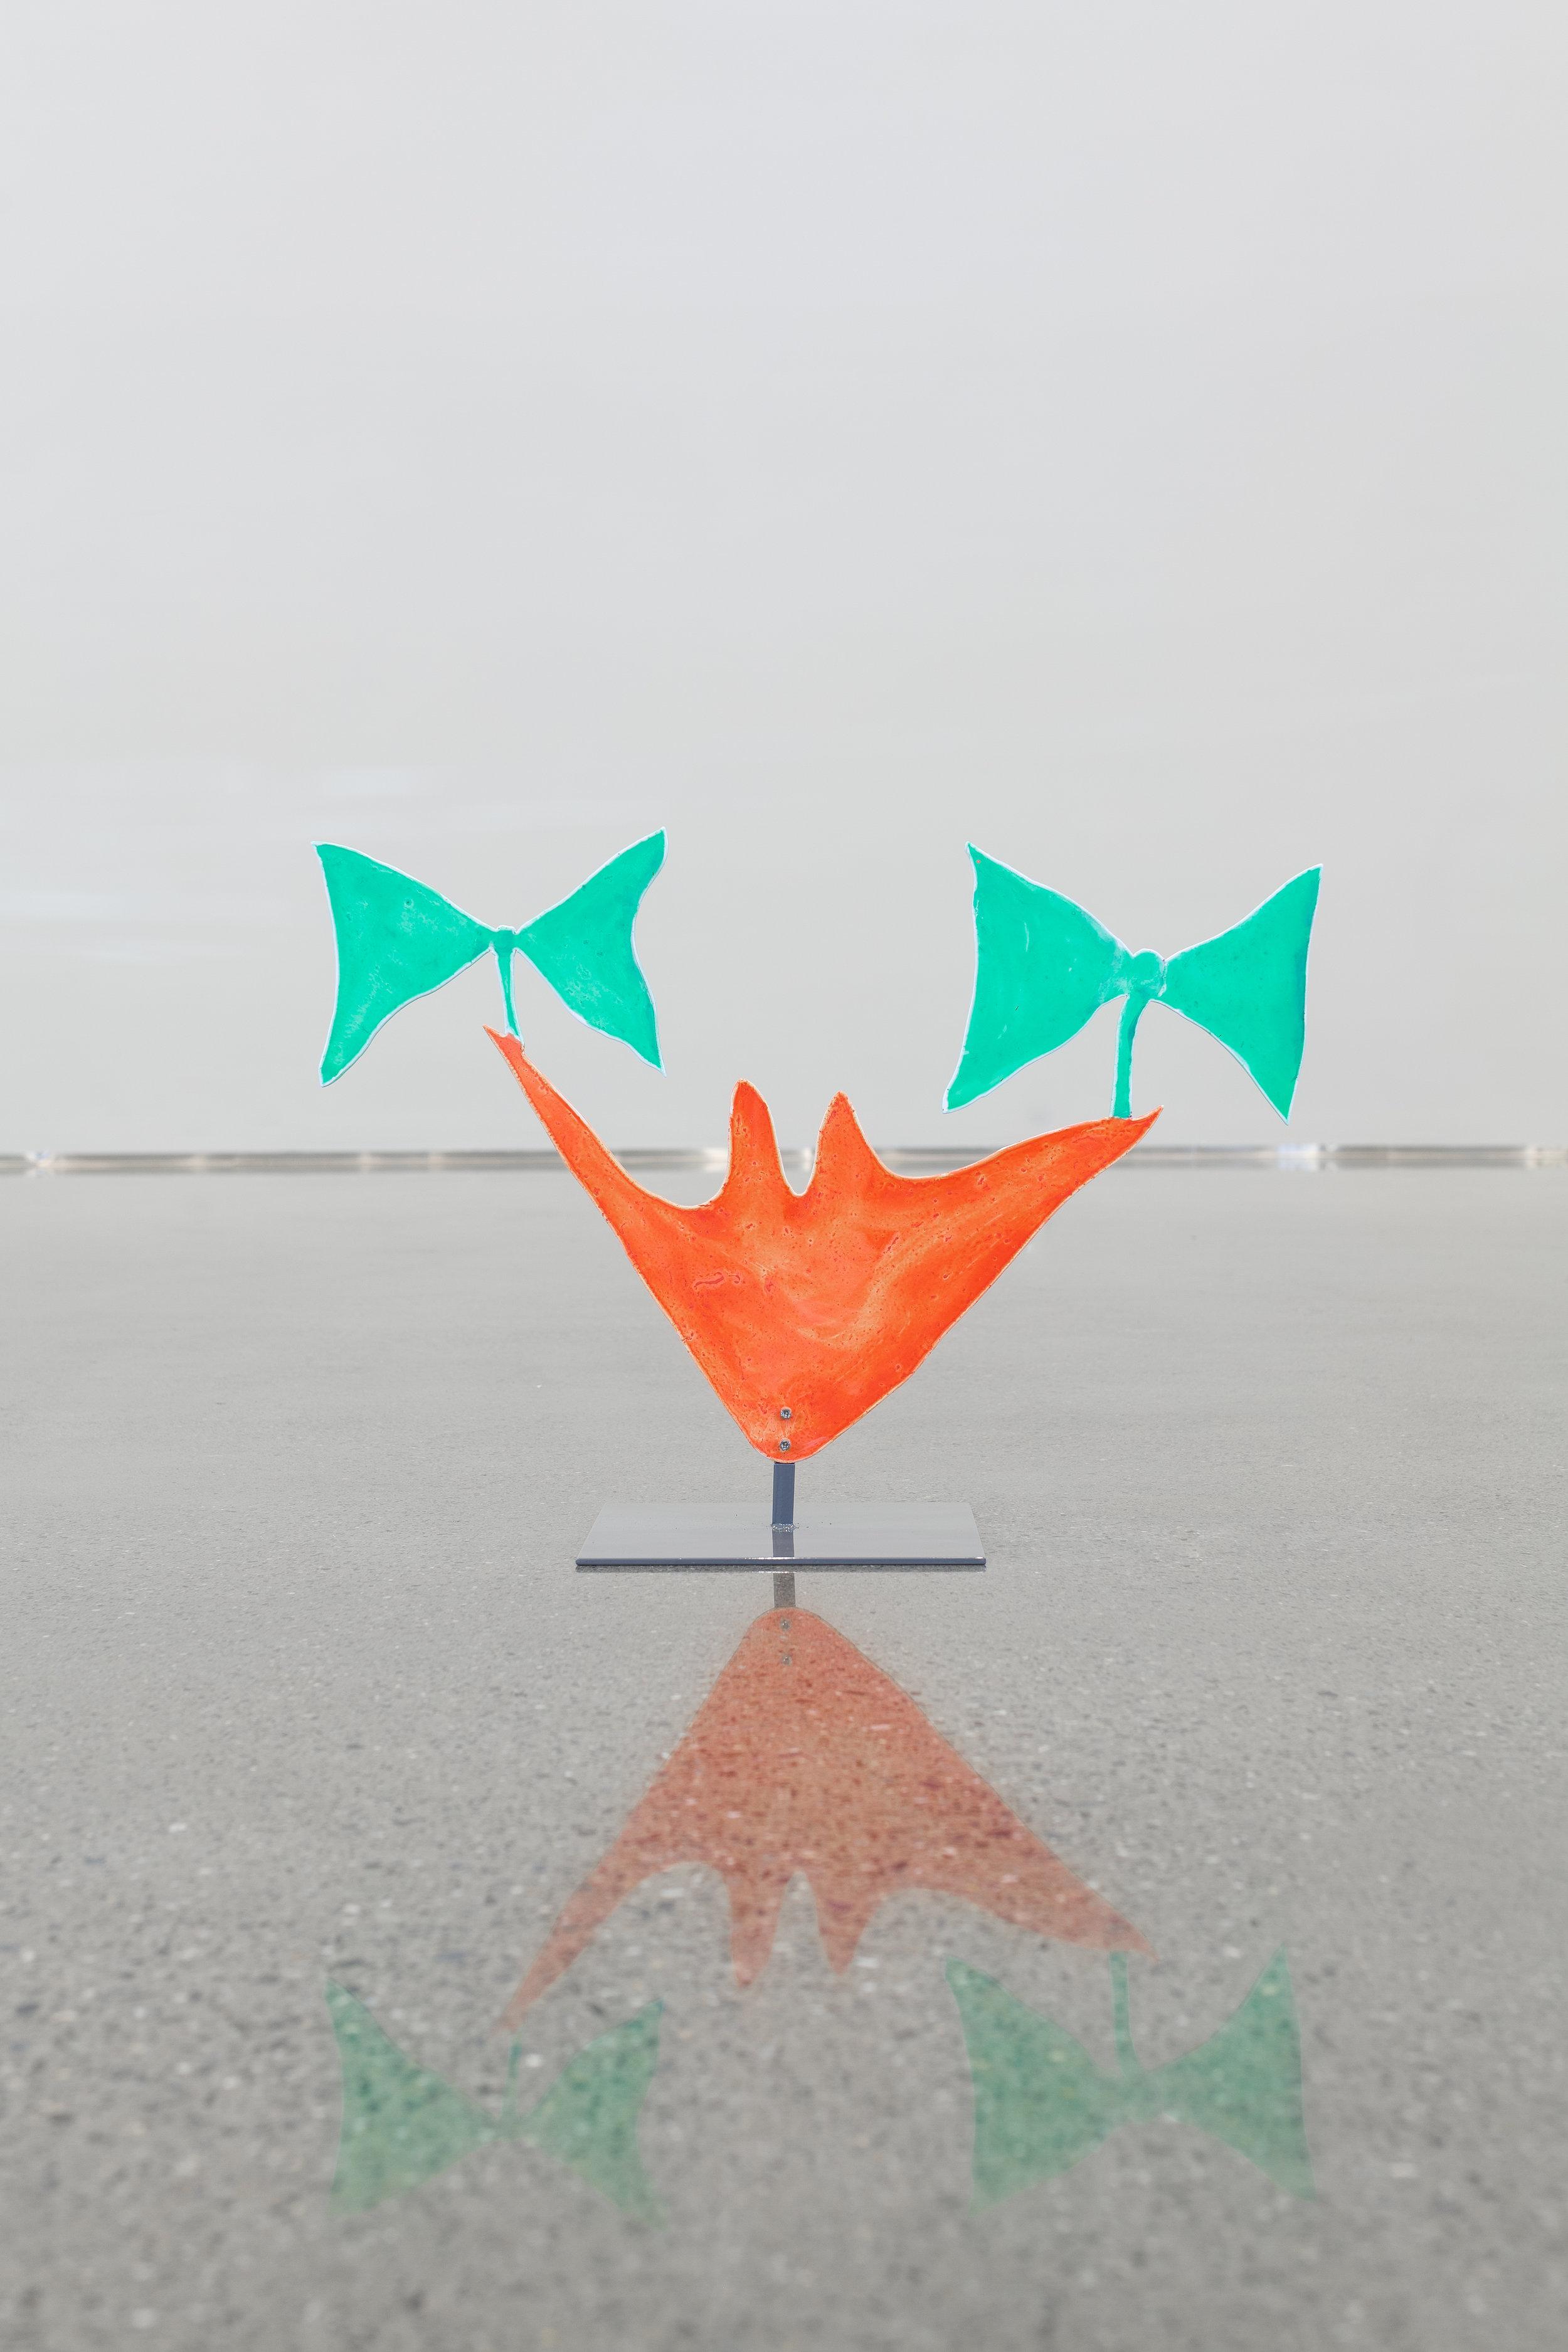 Anine Kierulf, 2019  Acrylic on aluminum